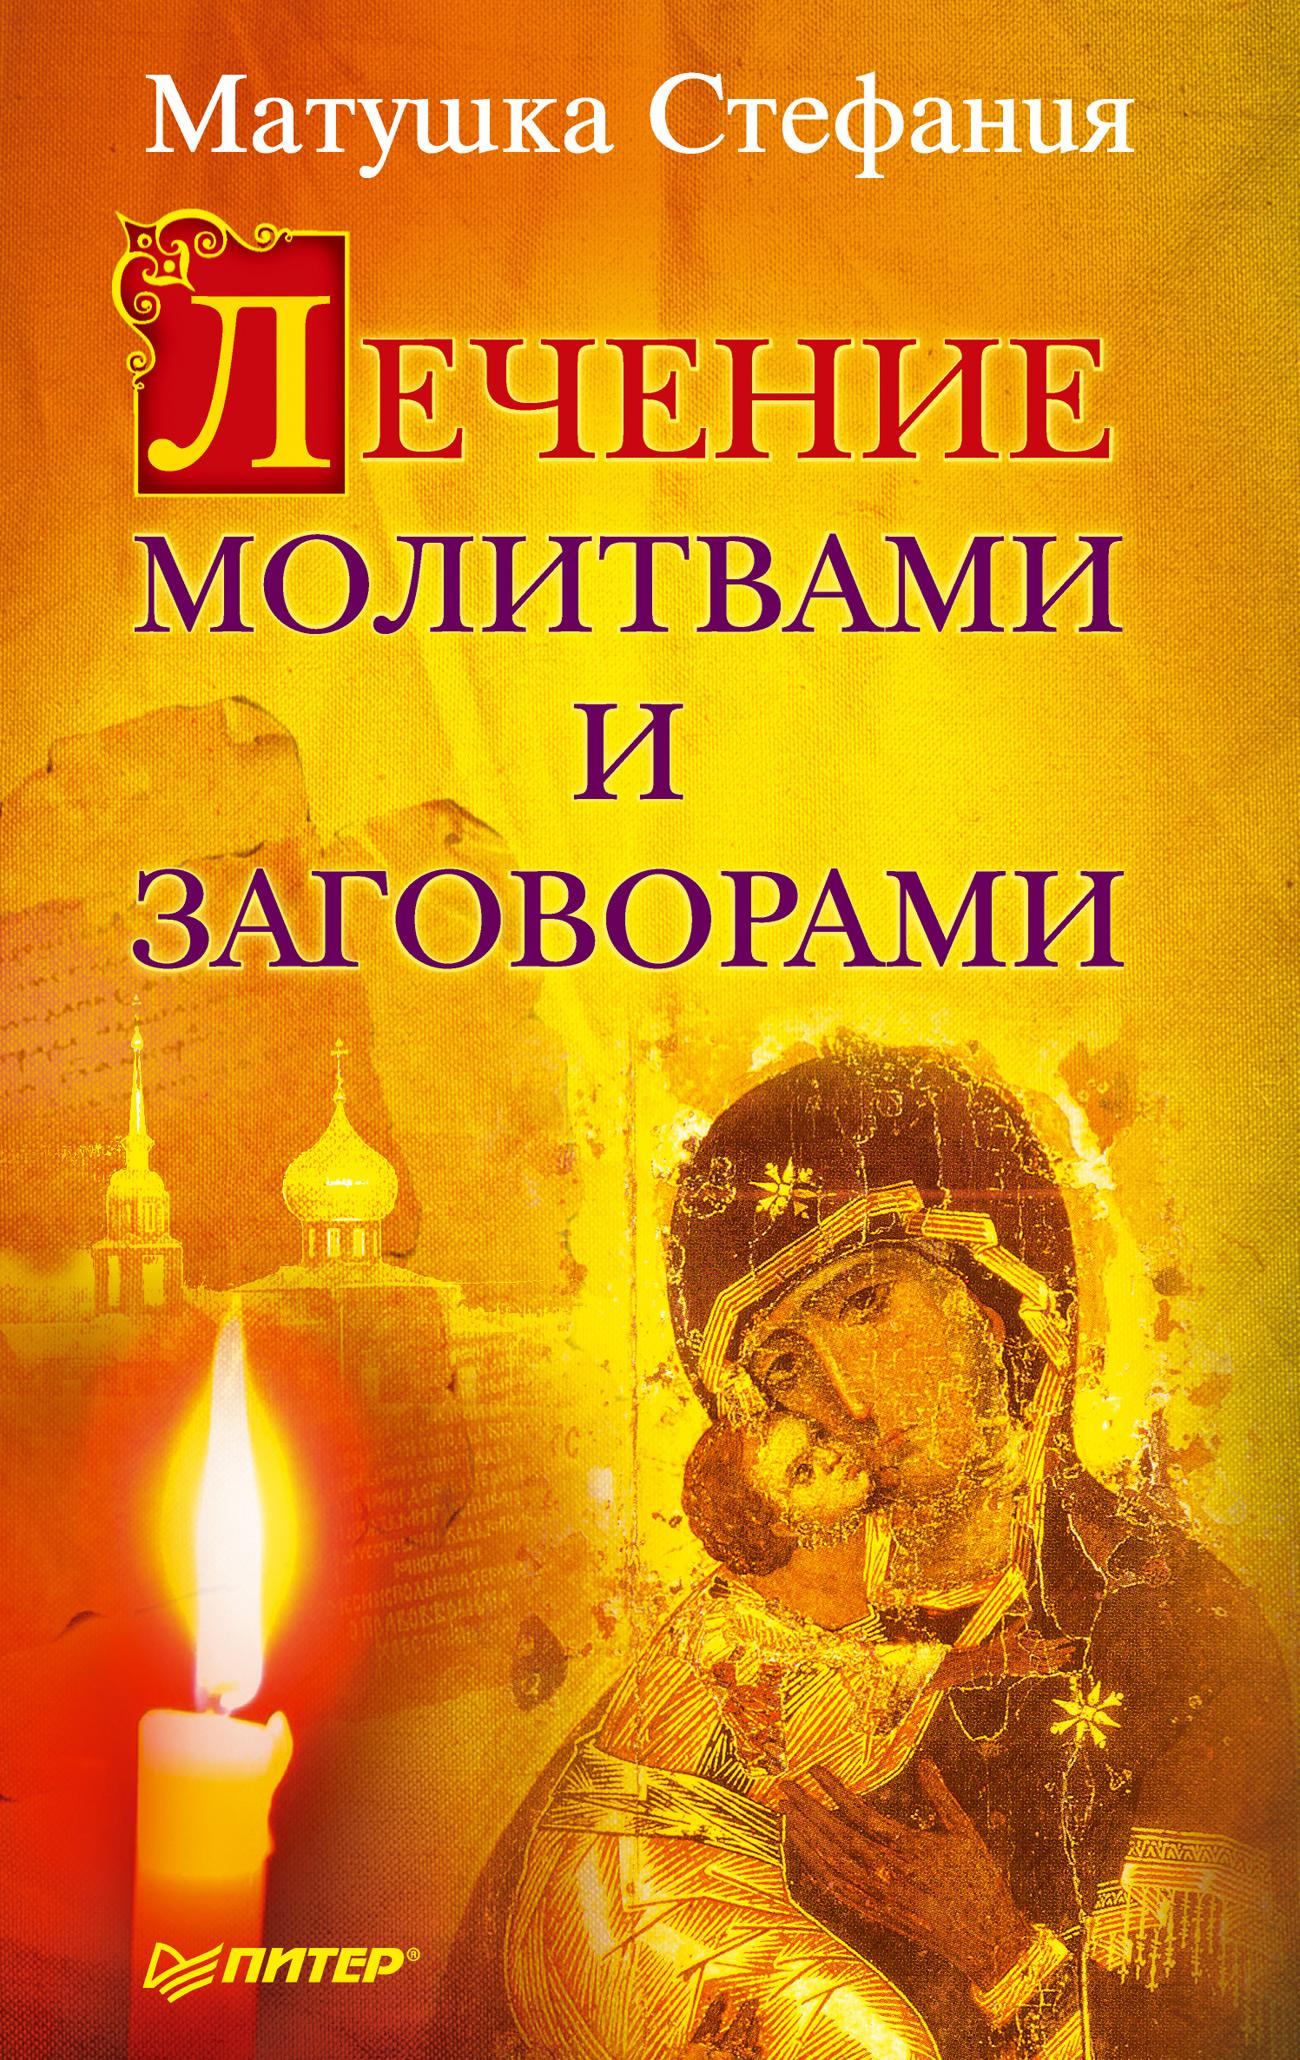 Матушка Стефания Лечение молитвами и заговорами глаголева ольга главные молитвы к небесным покровителям как и в каких случаях молиться